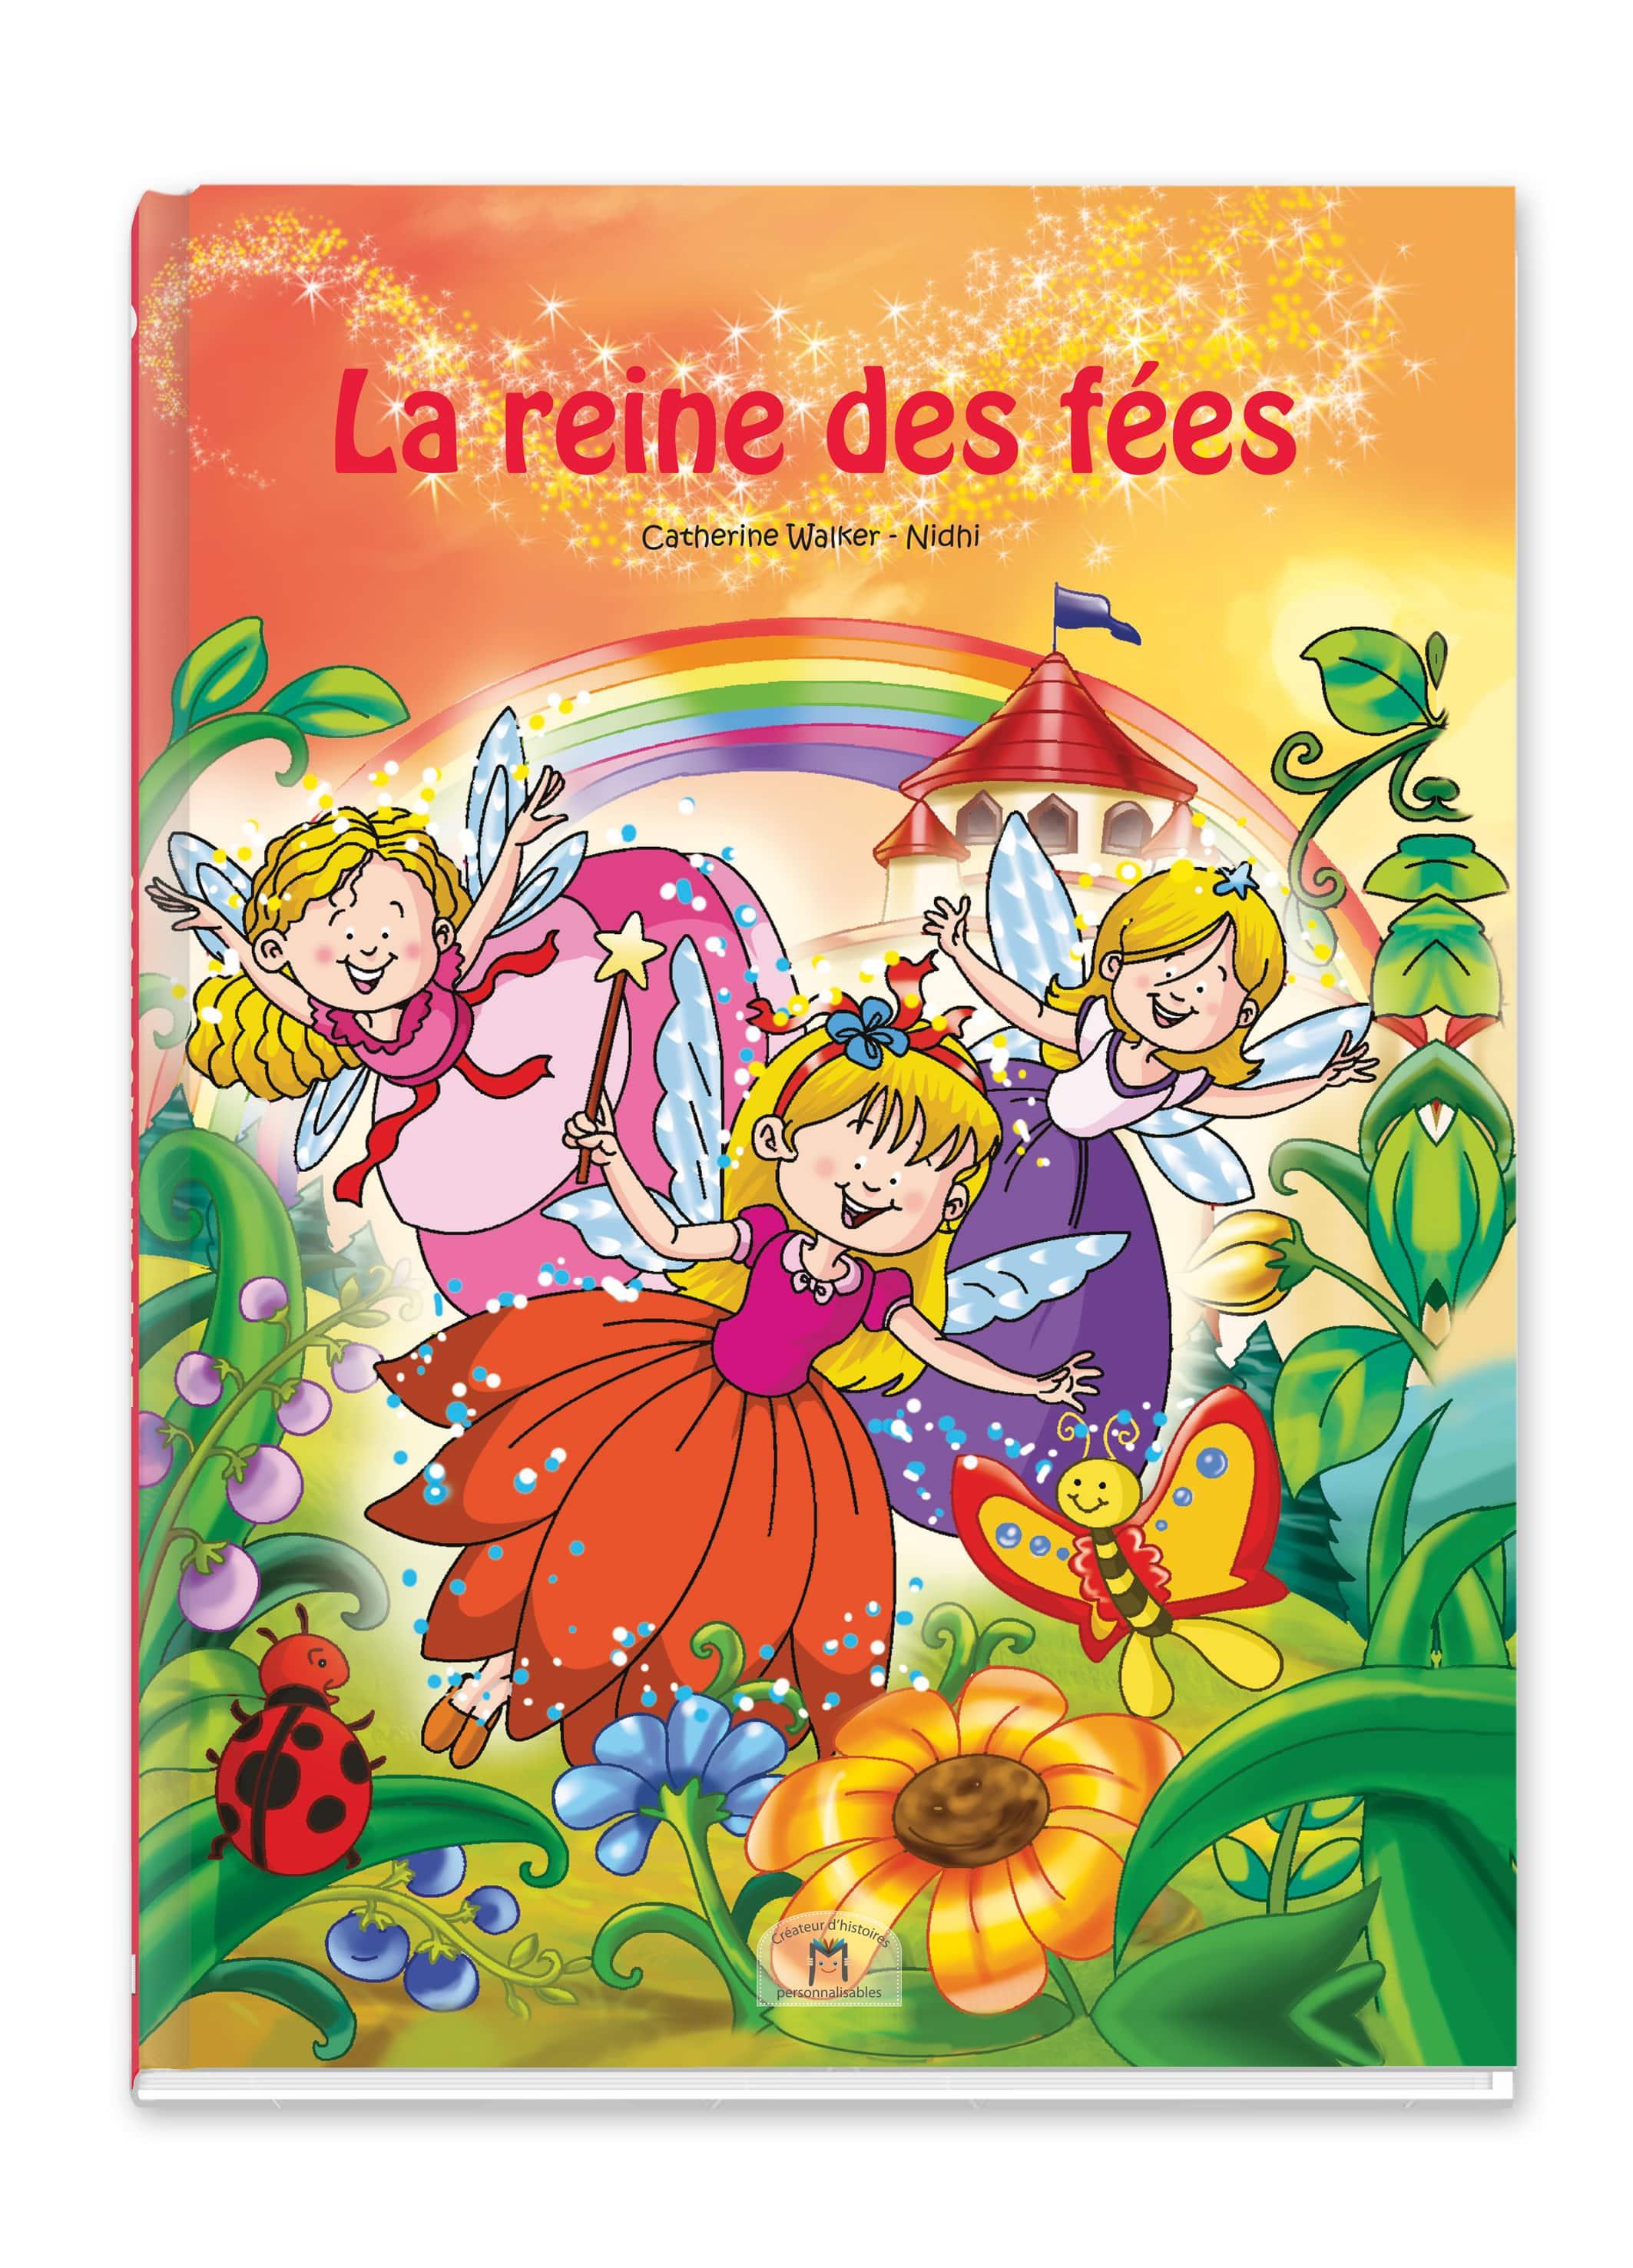 Livre De Fees A Son Prenom A Offrir Aux Enfants Entre 2 Et 8 Ans